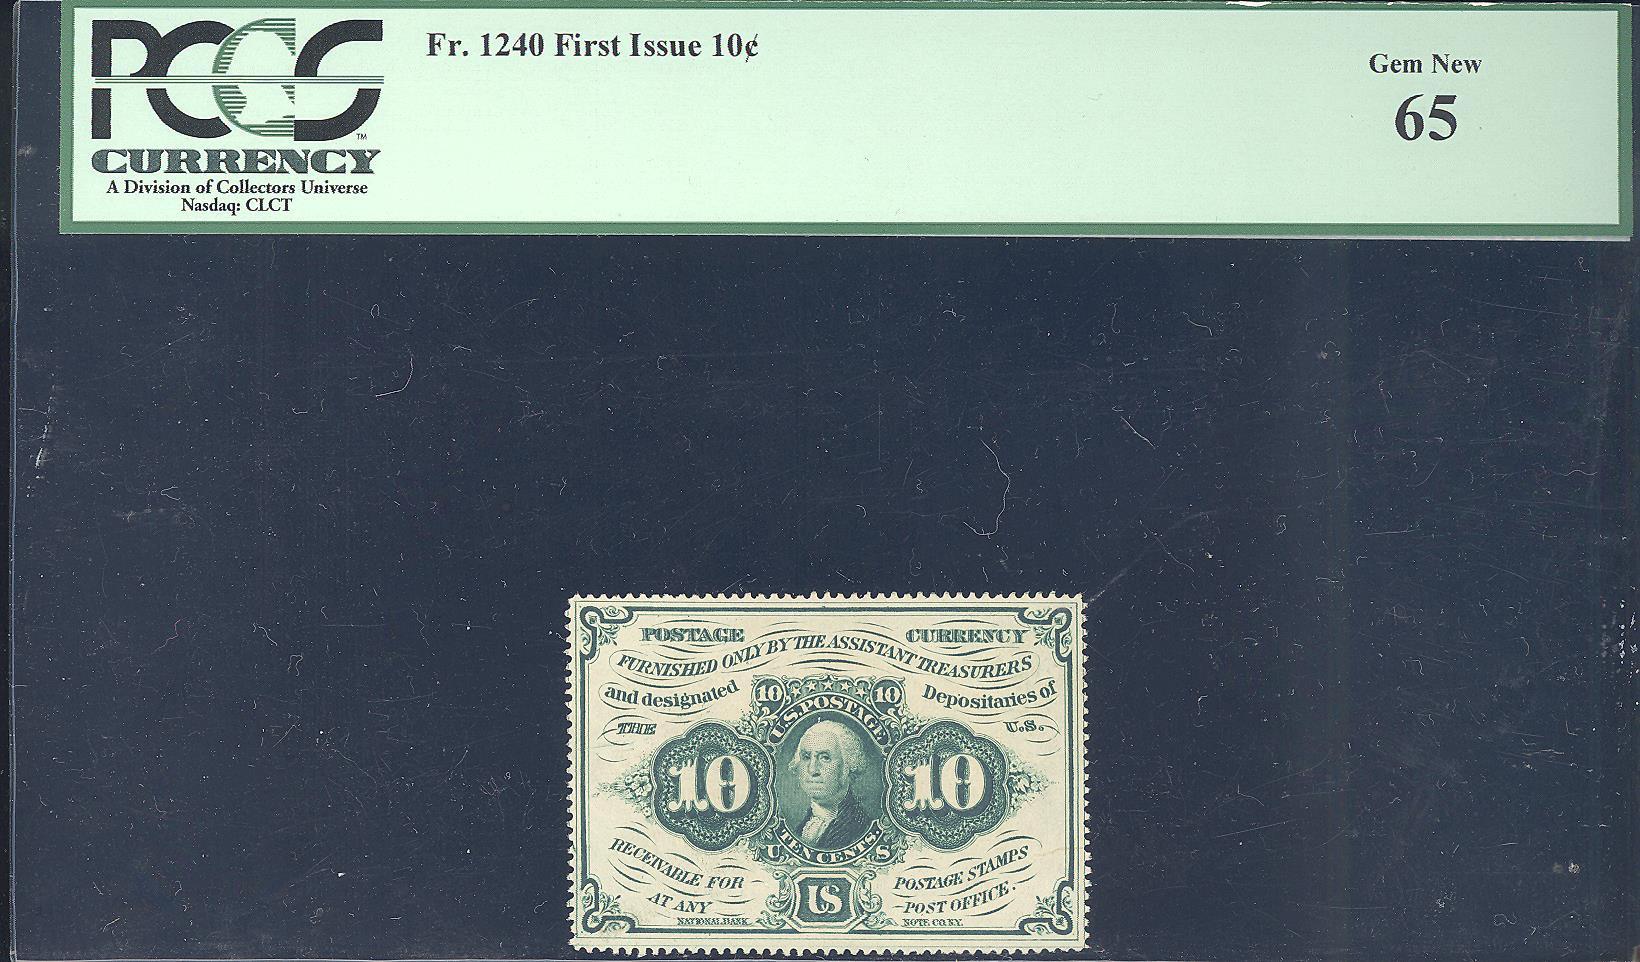 FR 1240.jpg